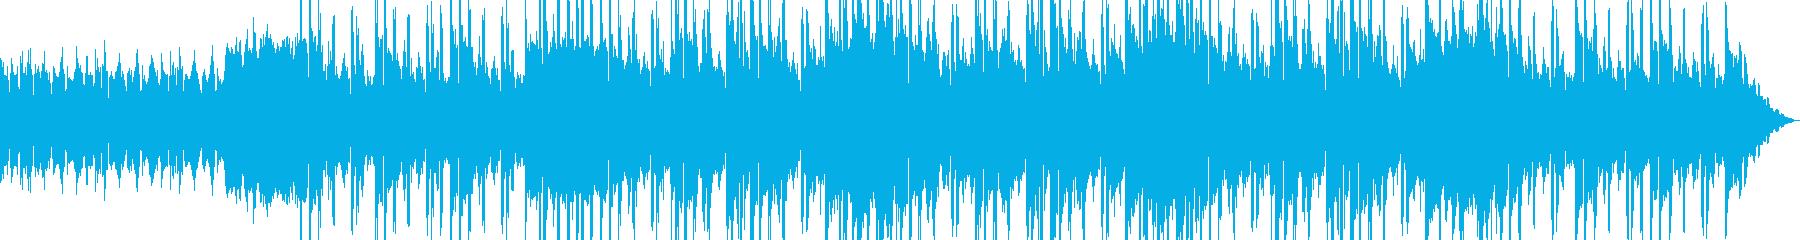 トラップ ヒップホップ R&B エ...の再生済みの波形